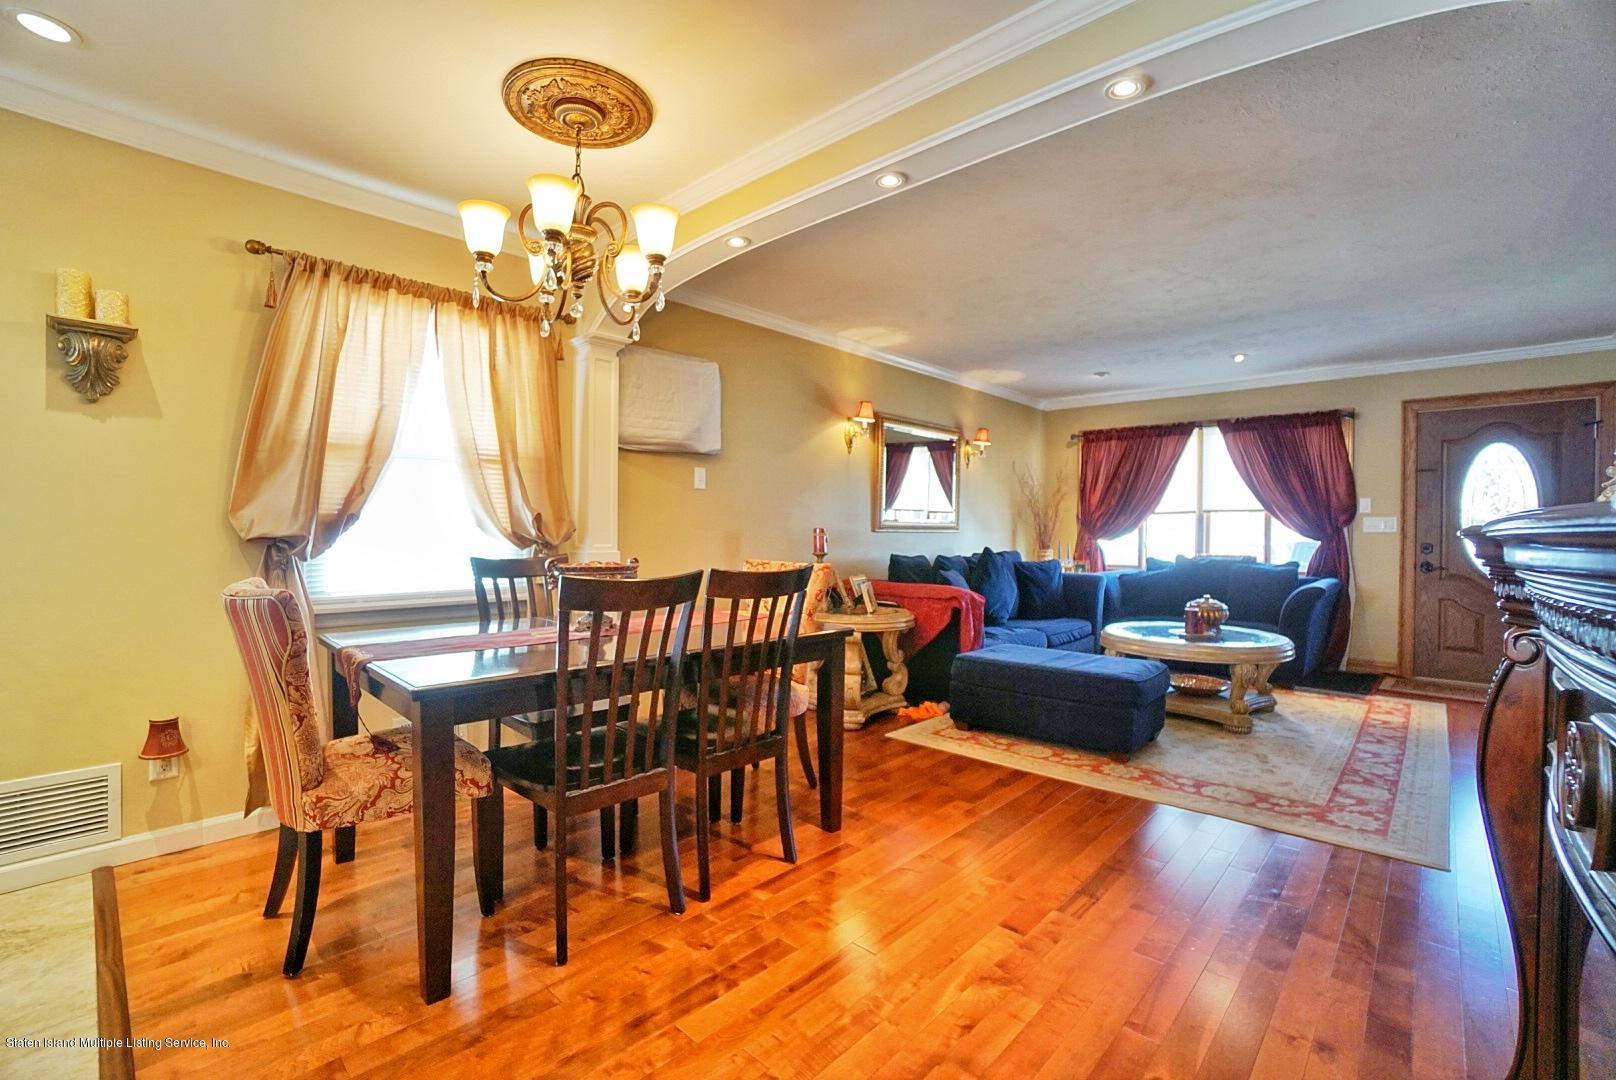 Single Family - Semi-Attached 366 Fairbanks Avenue  Staten Island, NY 10306, MLS-1127458-9